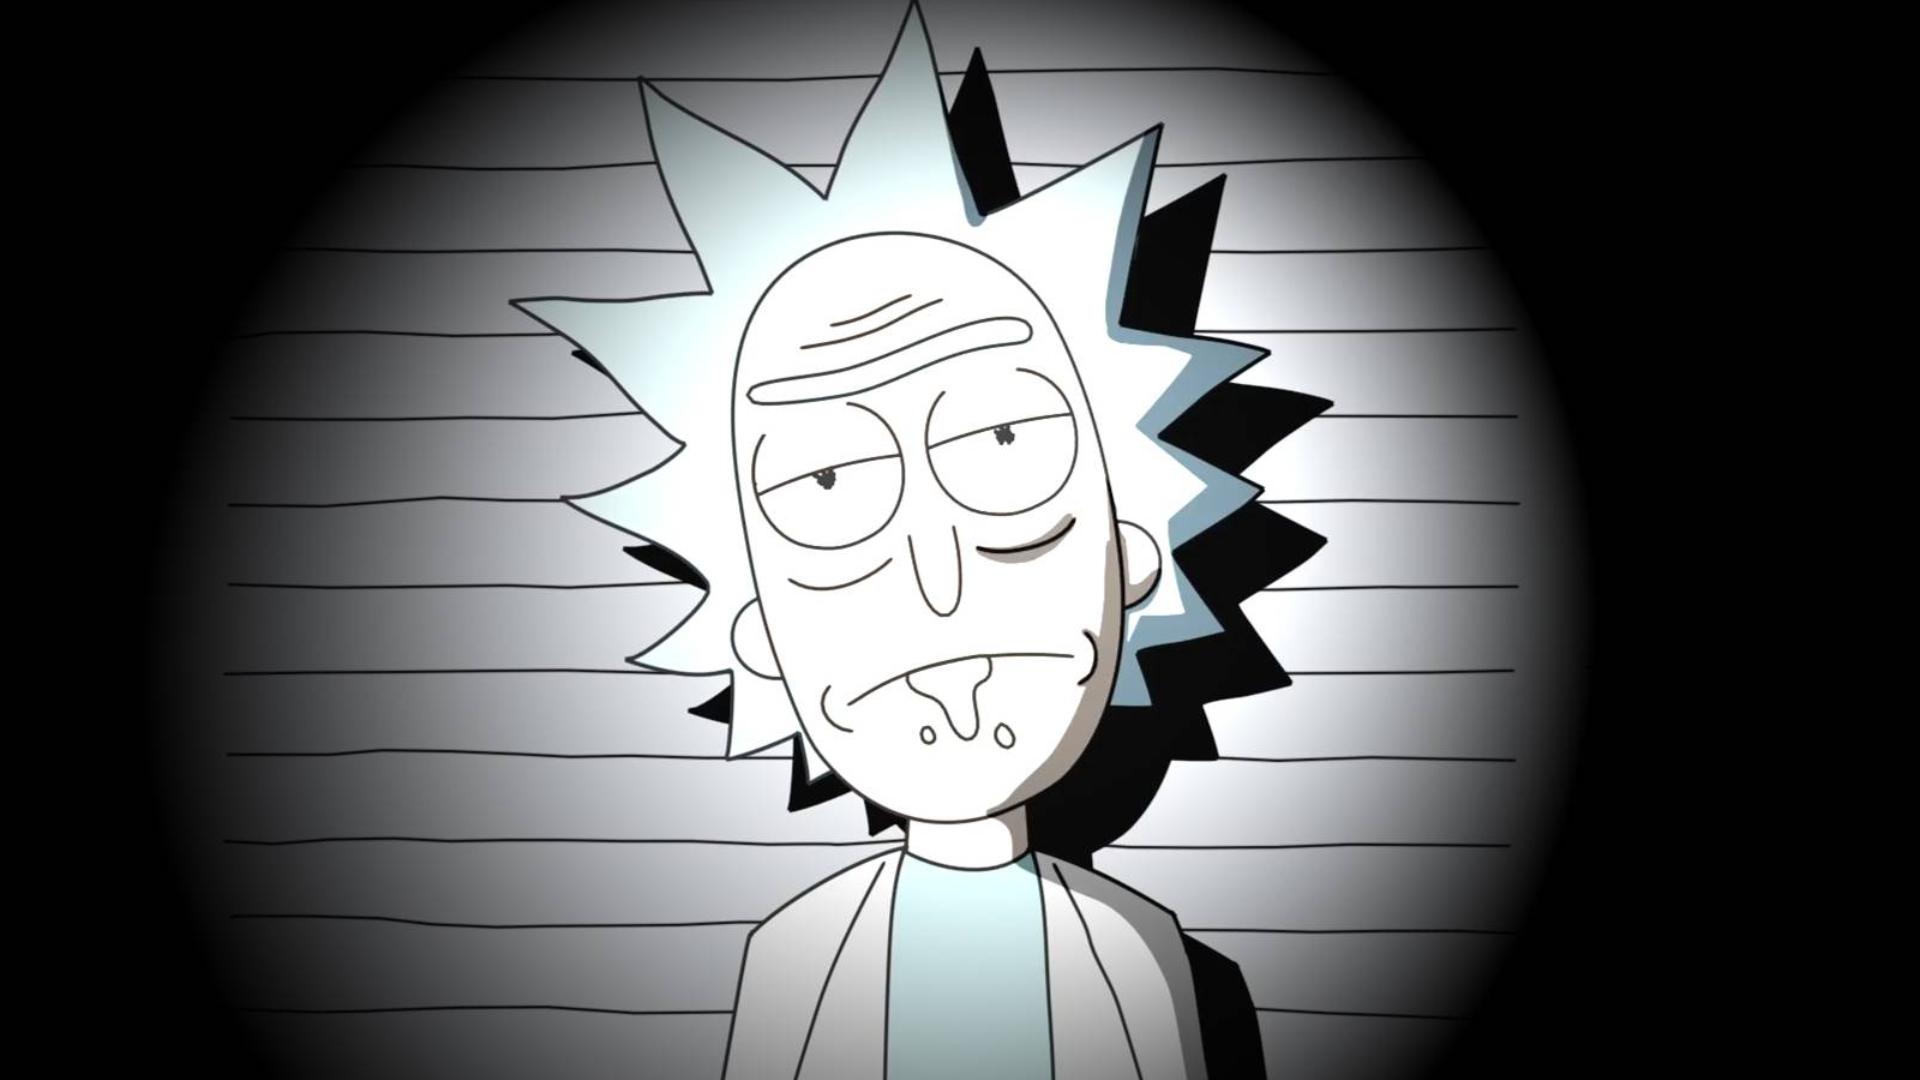 【瑞克和莫蒂】我是全宇宙最聪明的人,我将自己送入牢狱